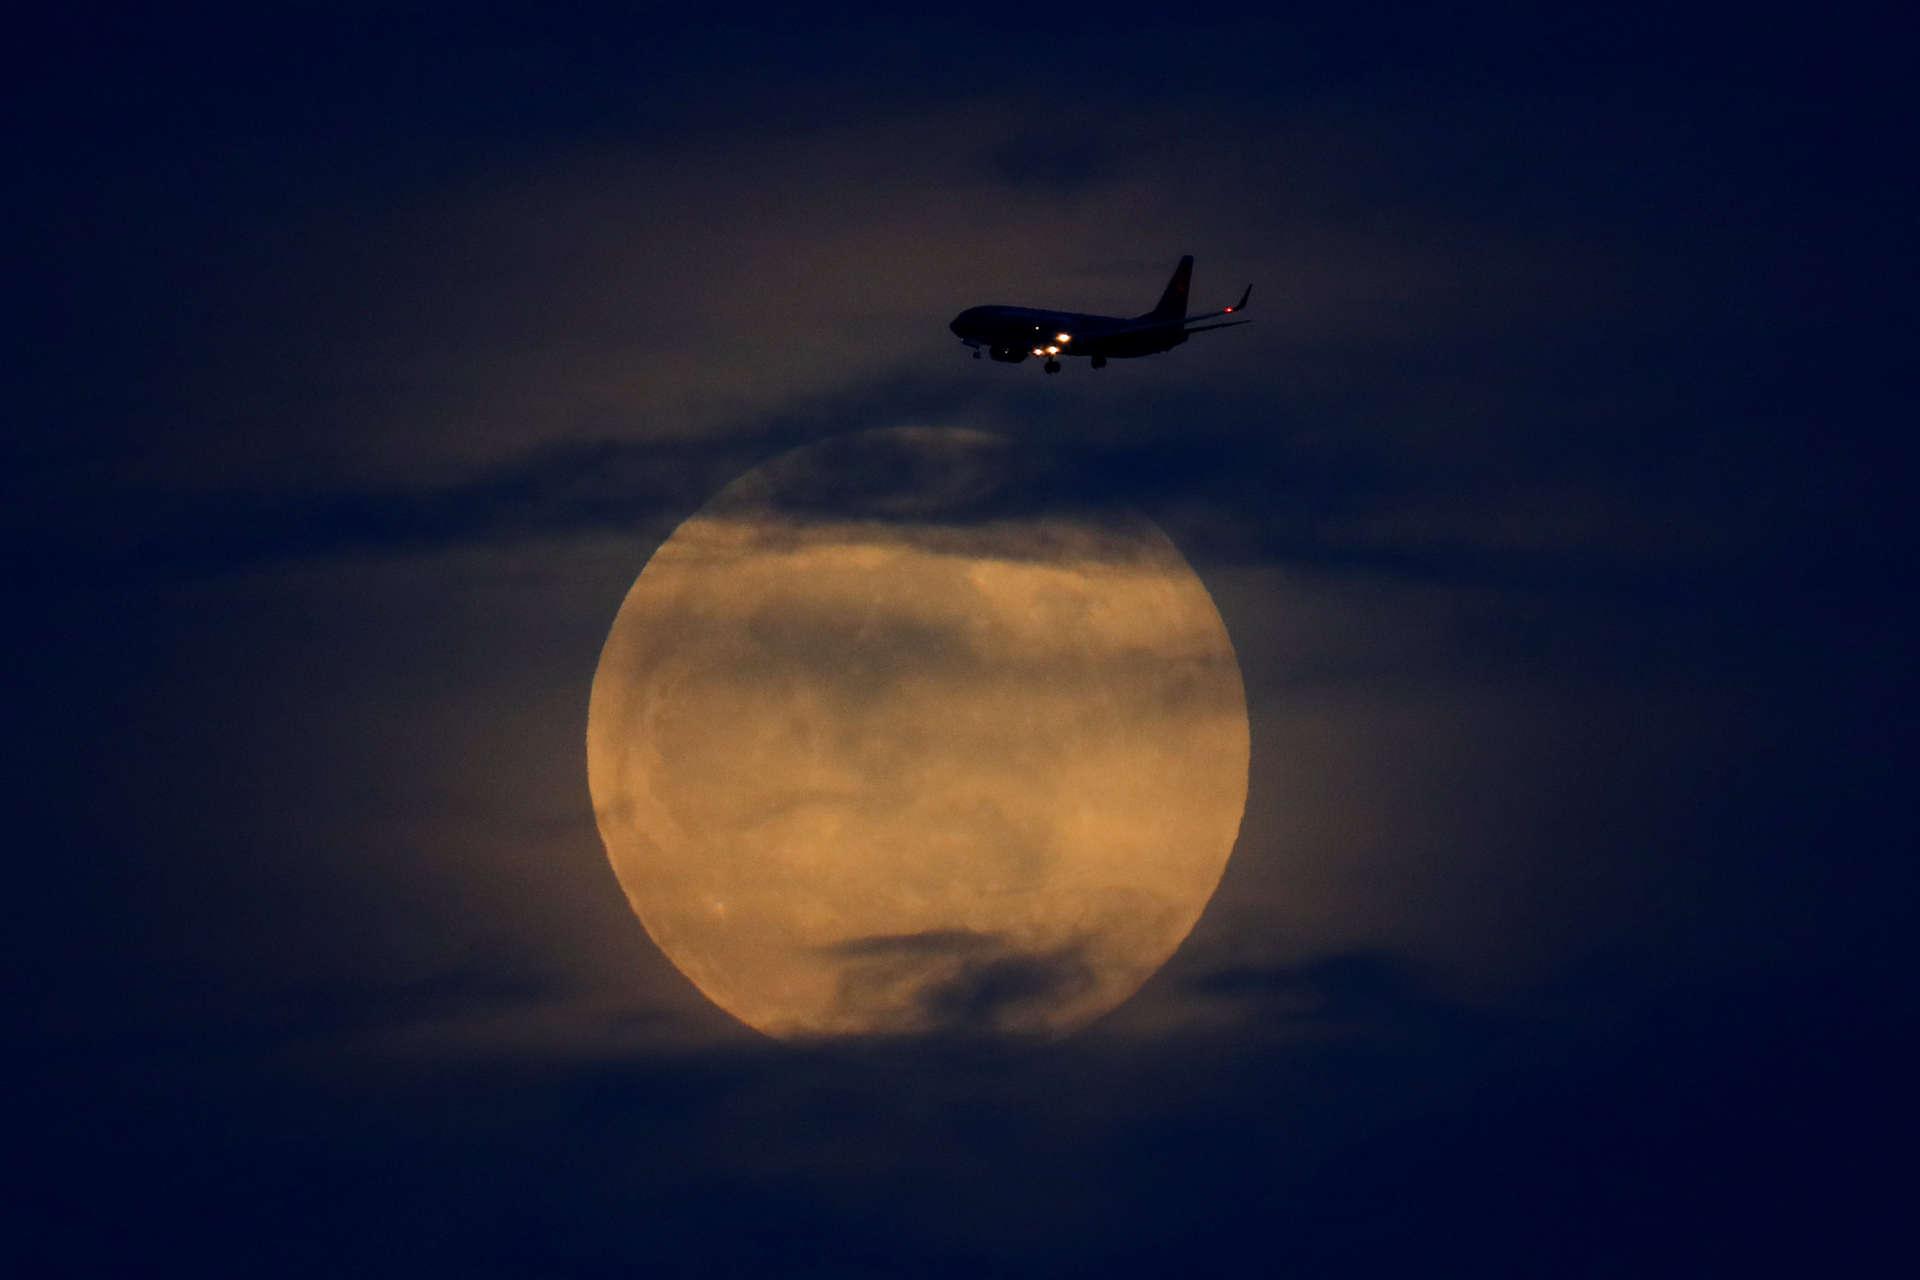 La pleine lune avant le début de l'éclipse, à San Diego, en Californie.